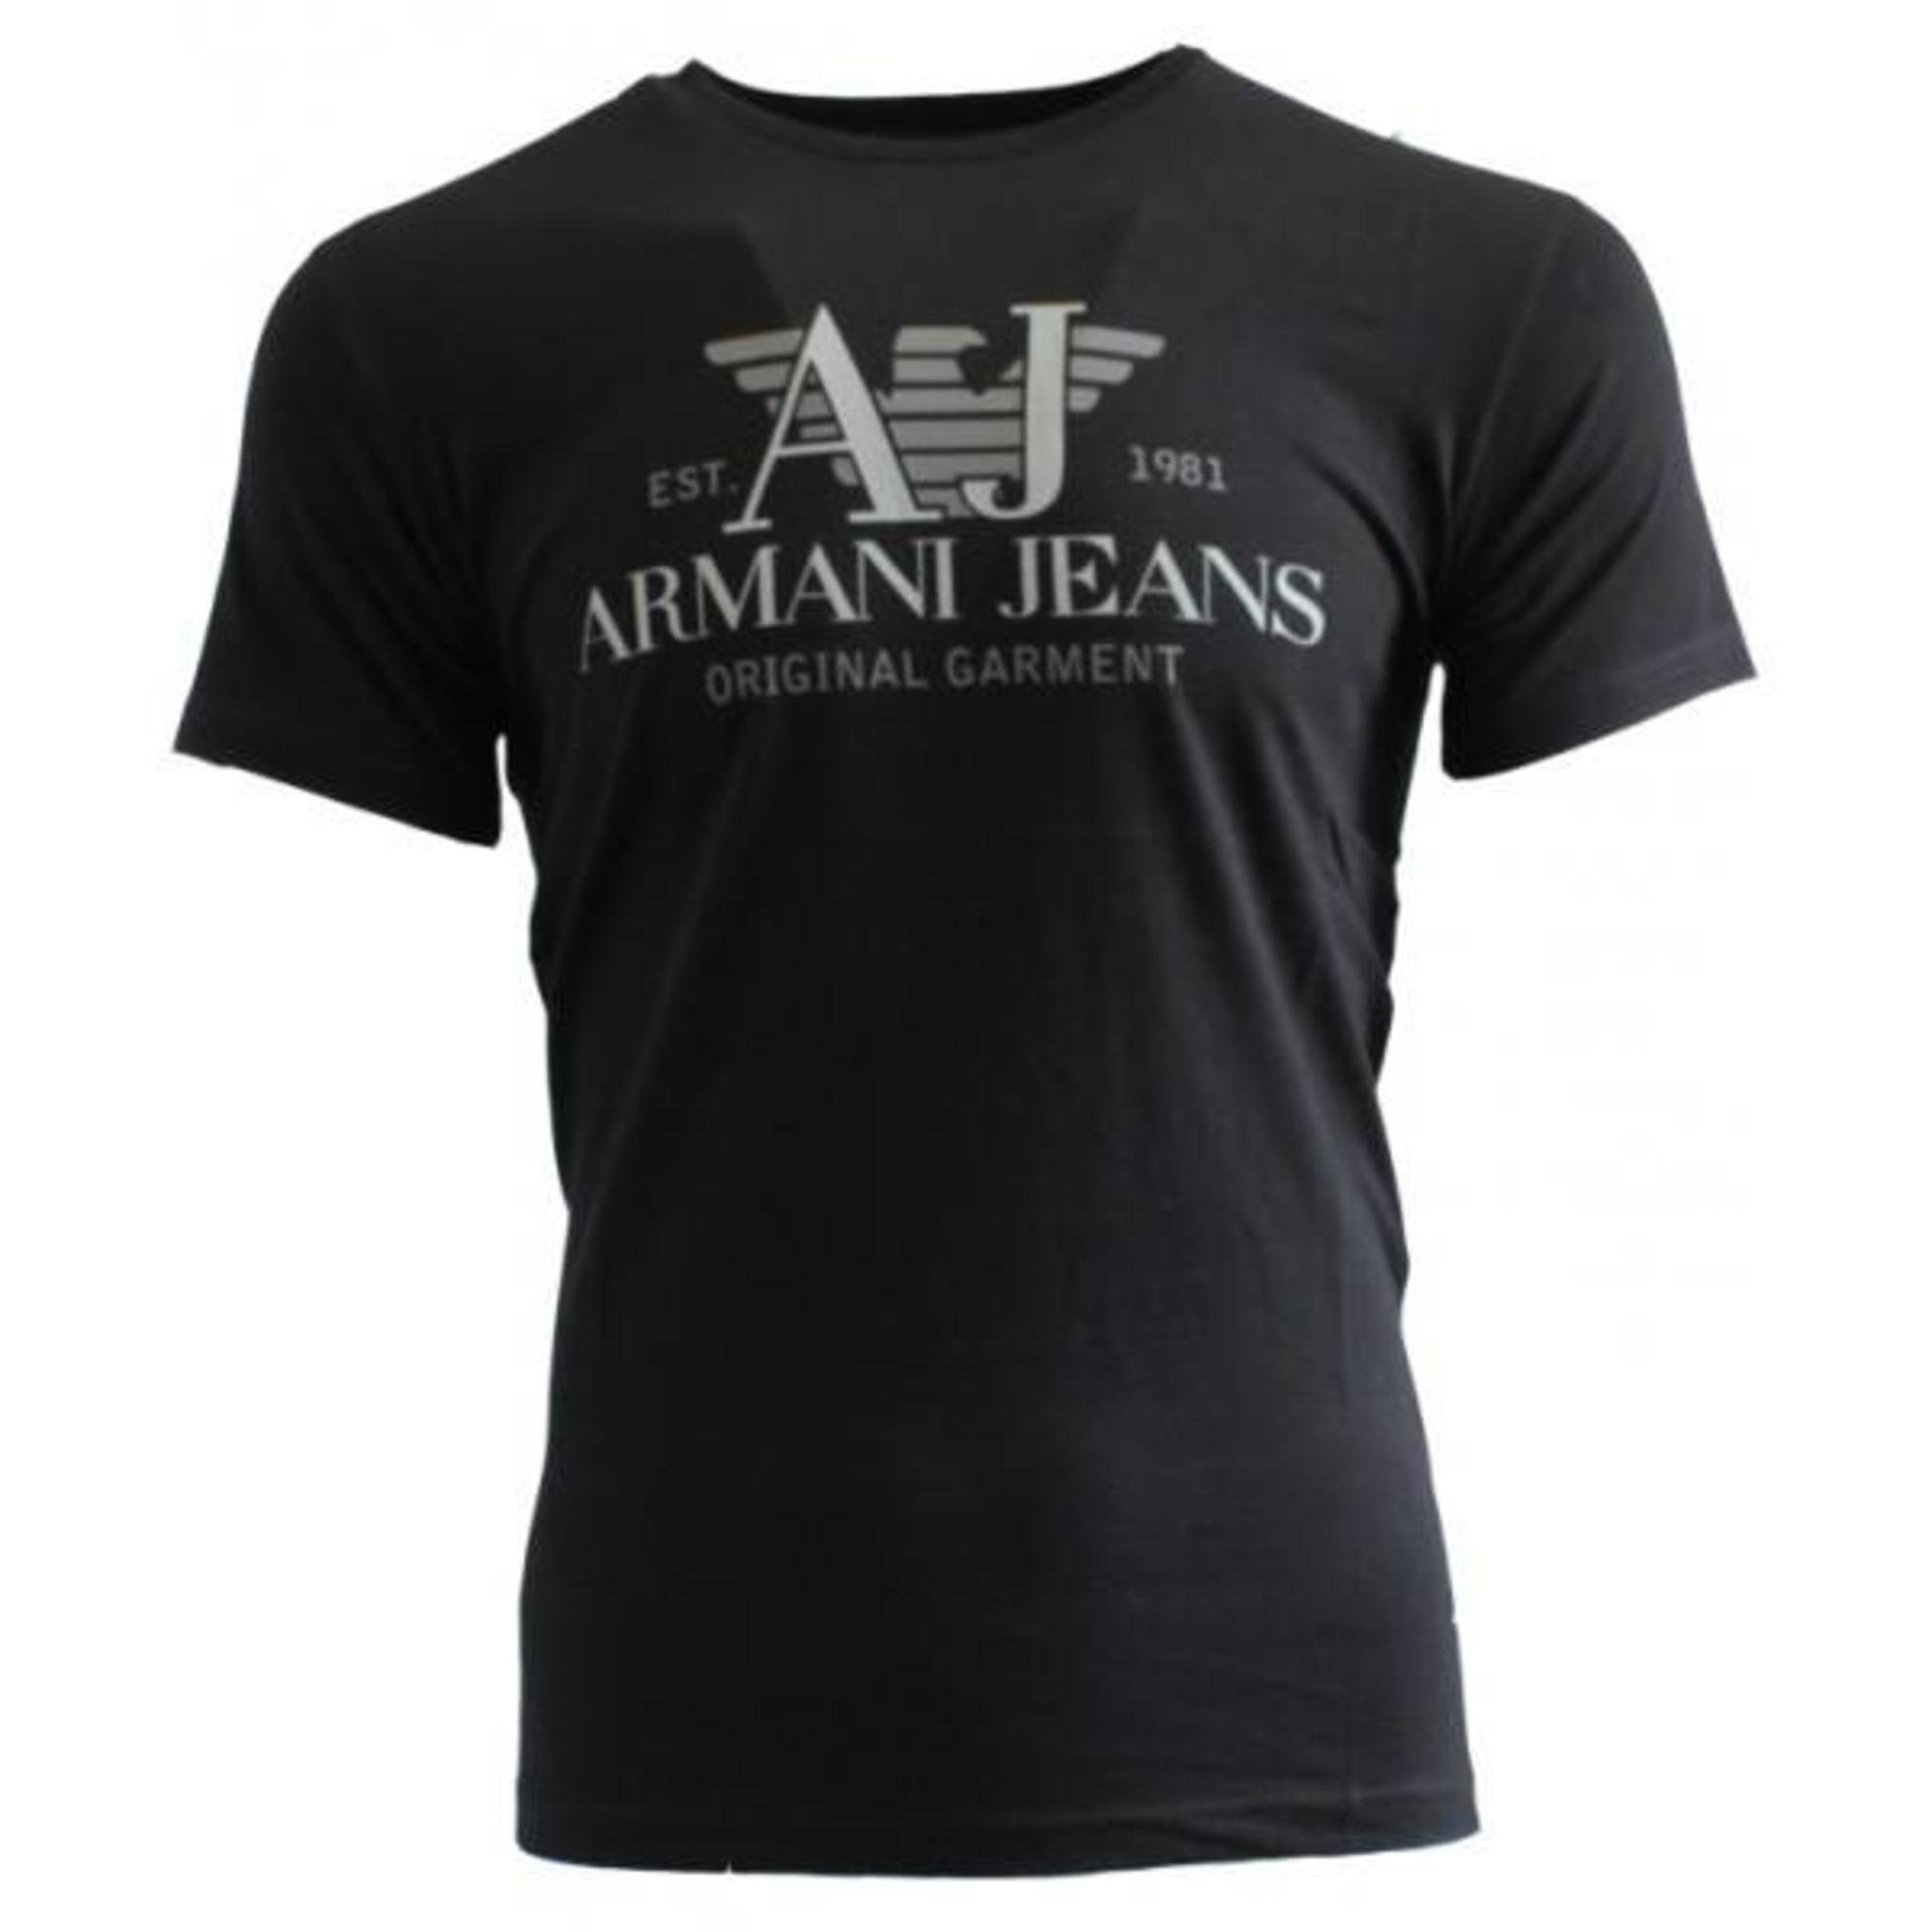 62323cac509a T-shirt ARMANI JEANS 4 (XL) black vendu par Katell s boutique - 1534734